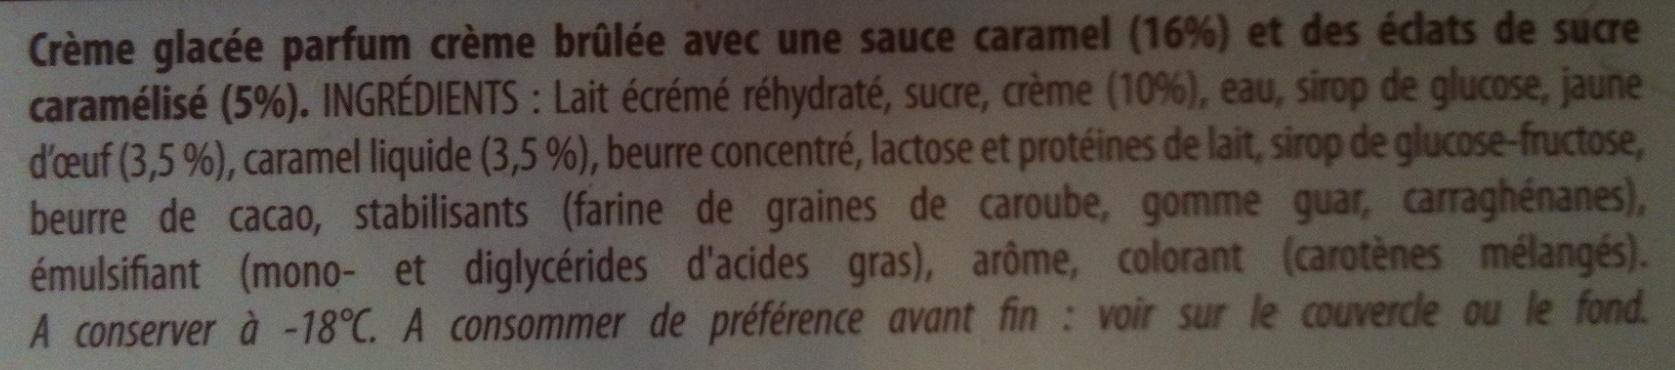 Carte d'Or - Les Sensations - Saveur Crème Brûlée au Caramel croquant - Ingrédients - fr